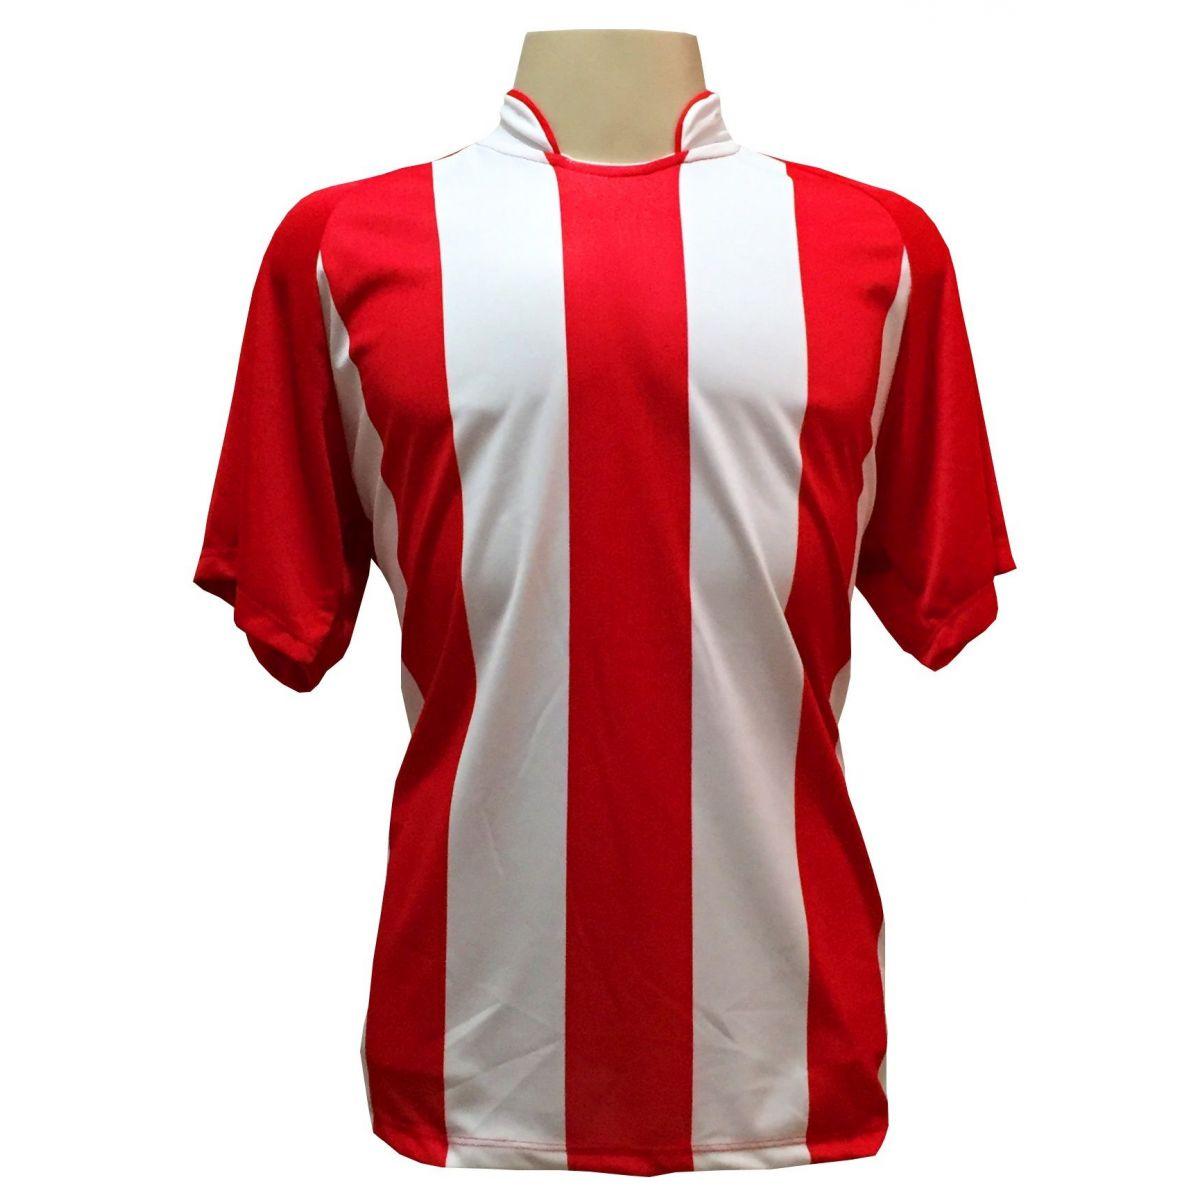 Jogo de Camisa com 20 unidades modelo Milan Vermelho/Branco + 1 Goleiro + Brindes